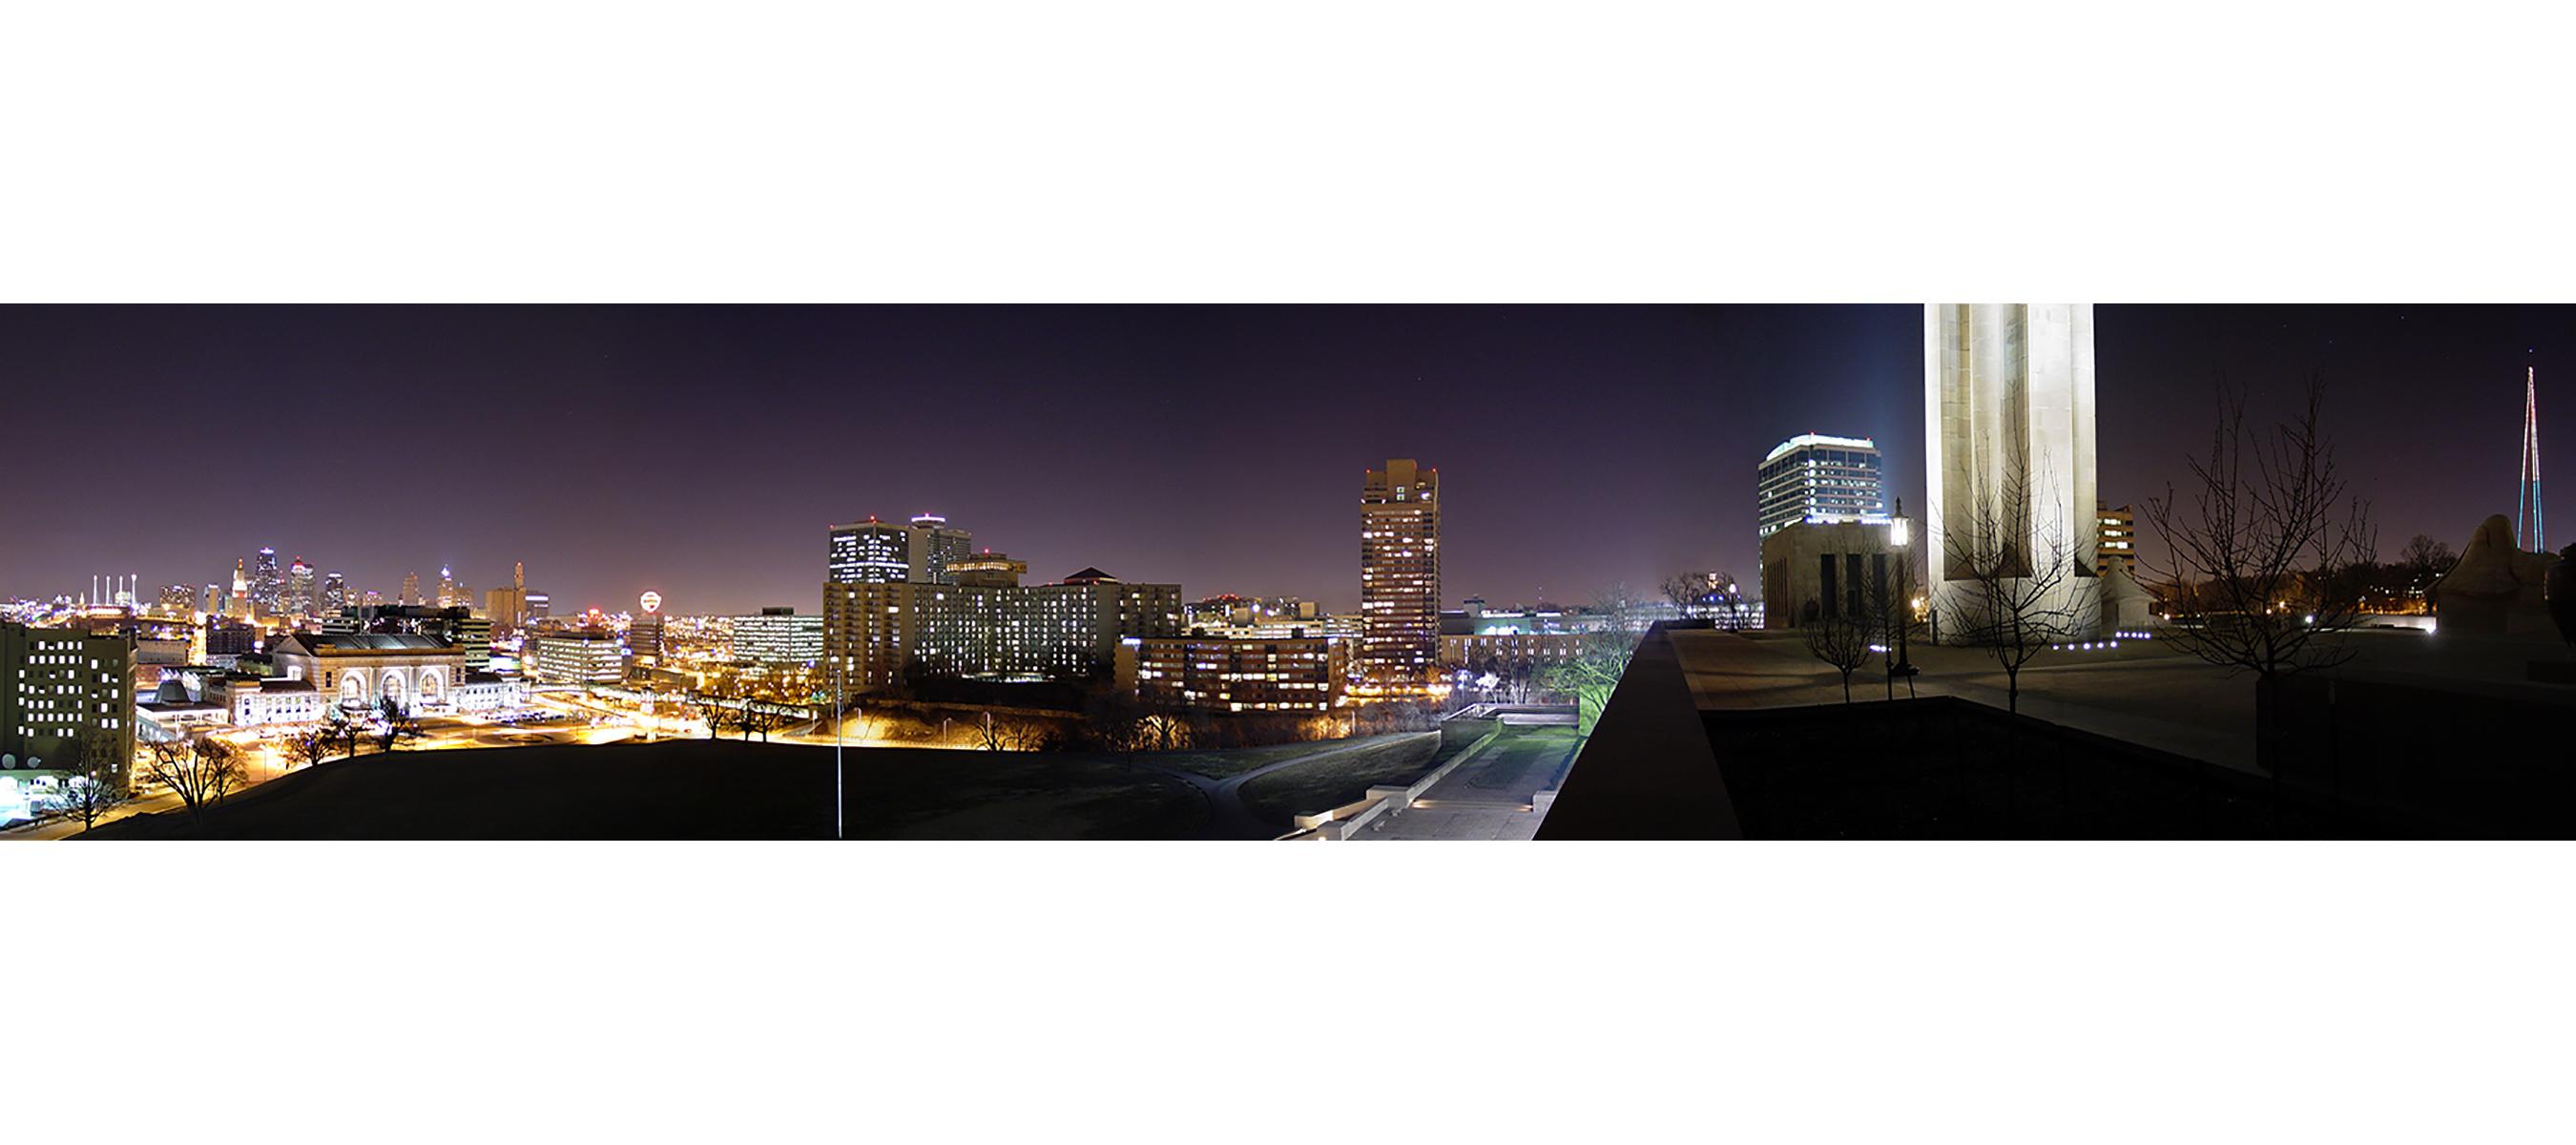 kansas city skyline sm2.jpg